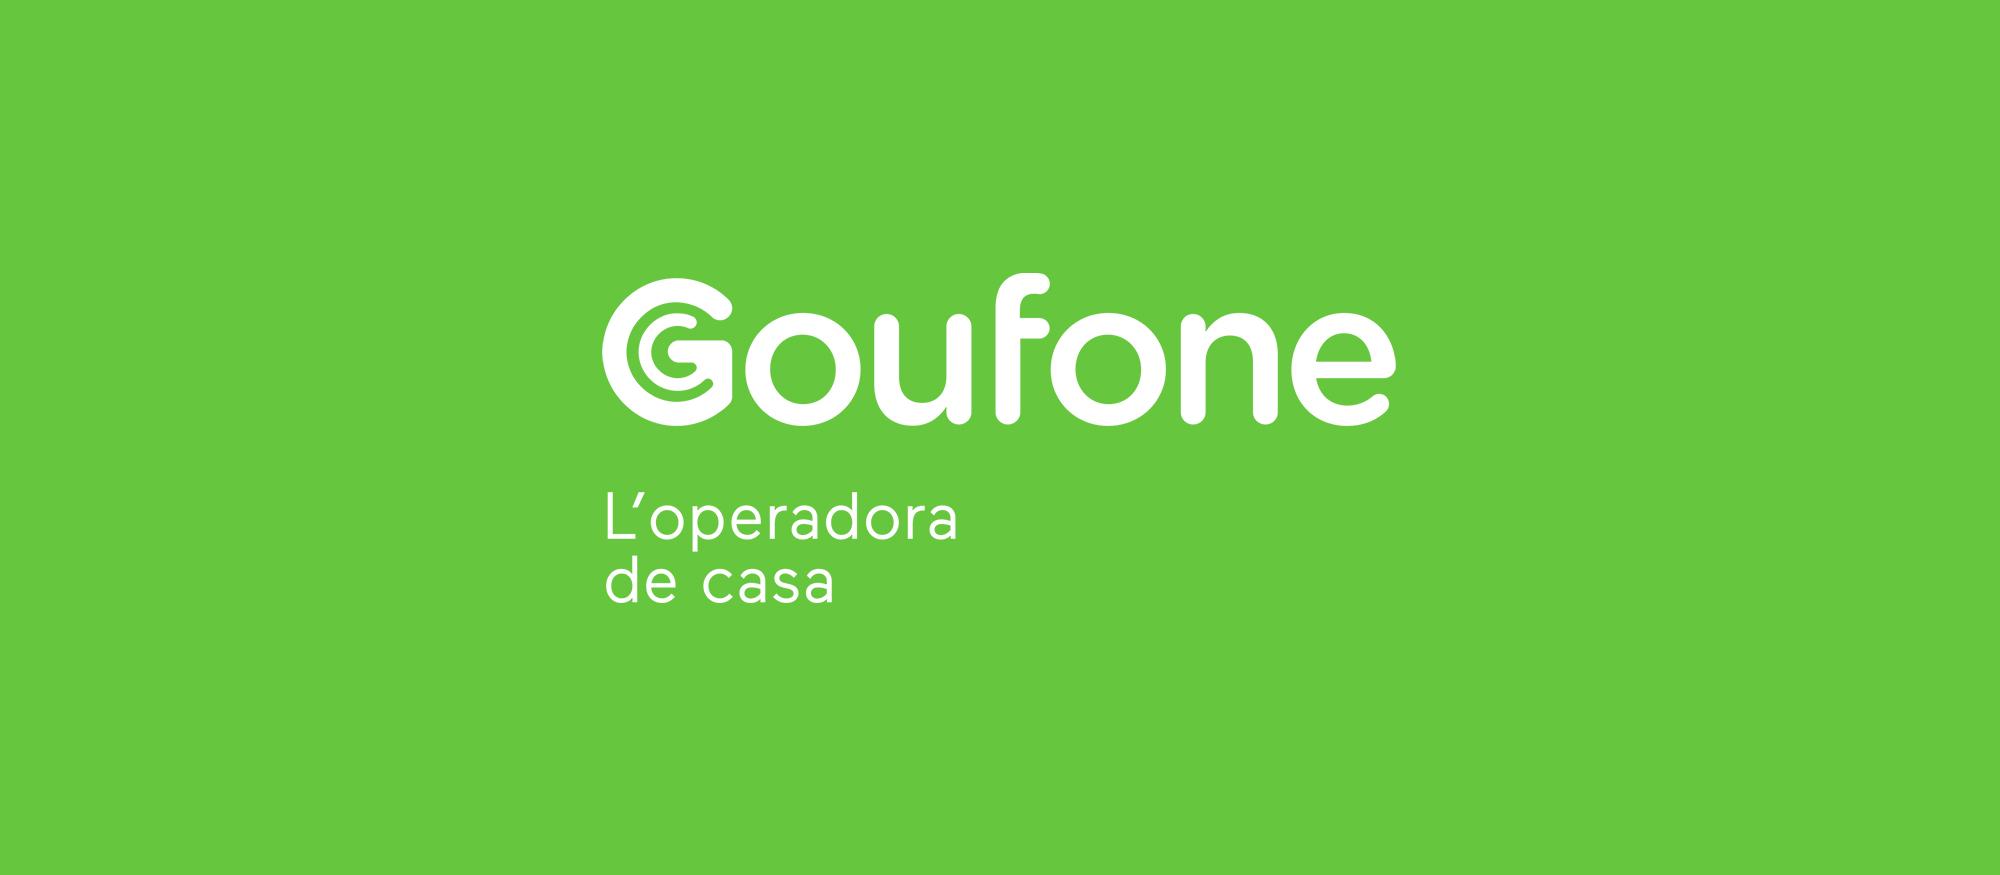 Comunicat de Goufone sobre el Coronavirus